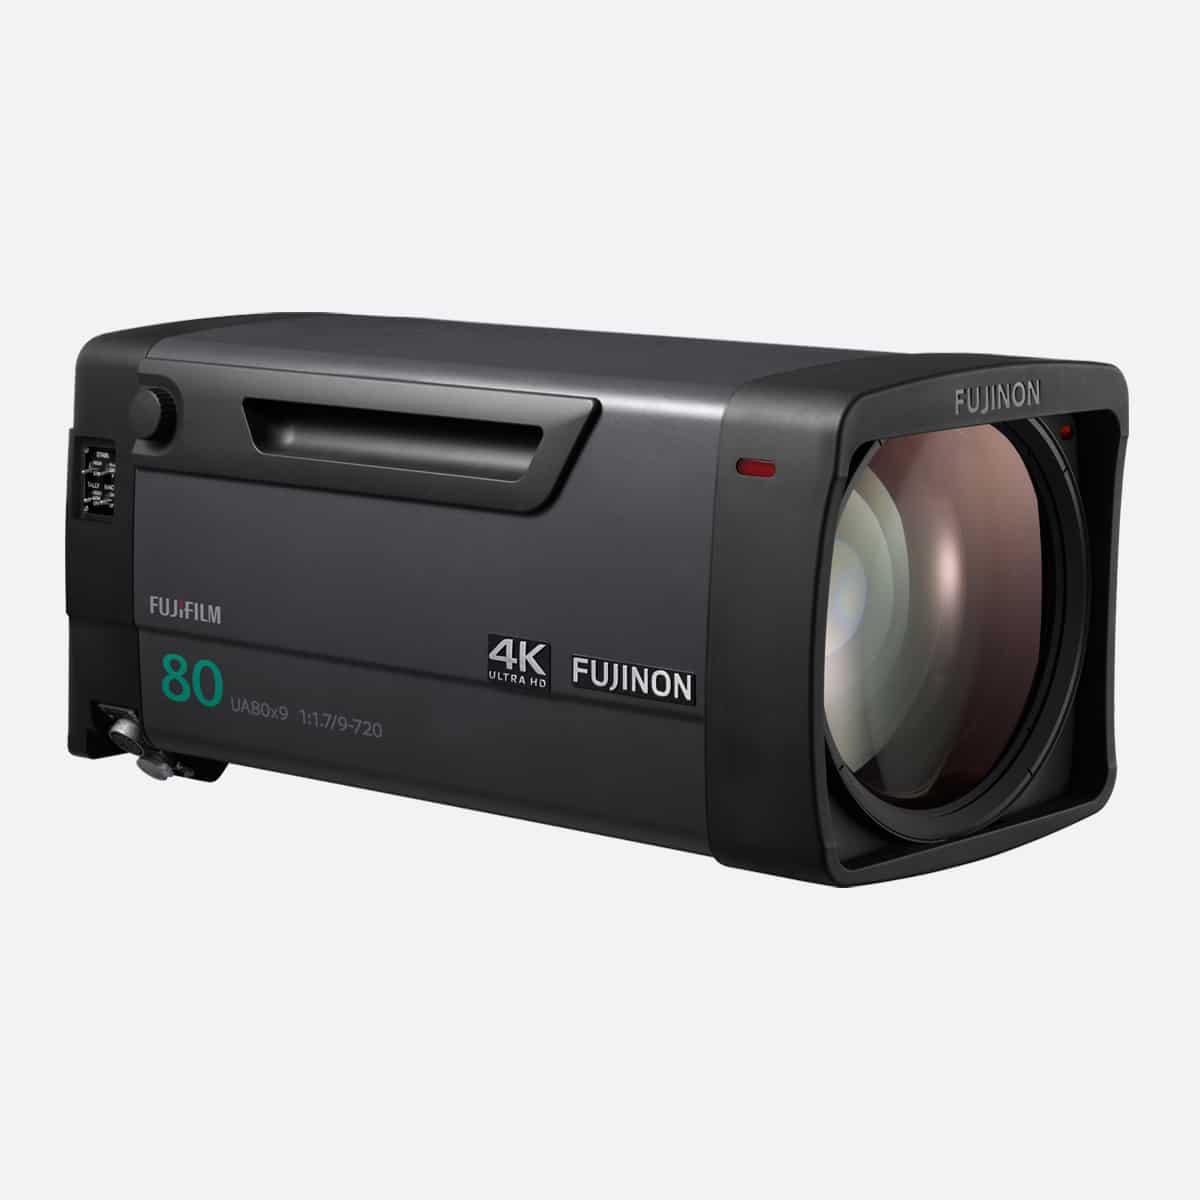 Fujinon UA80 x9 BE 4K Lens